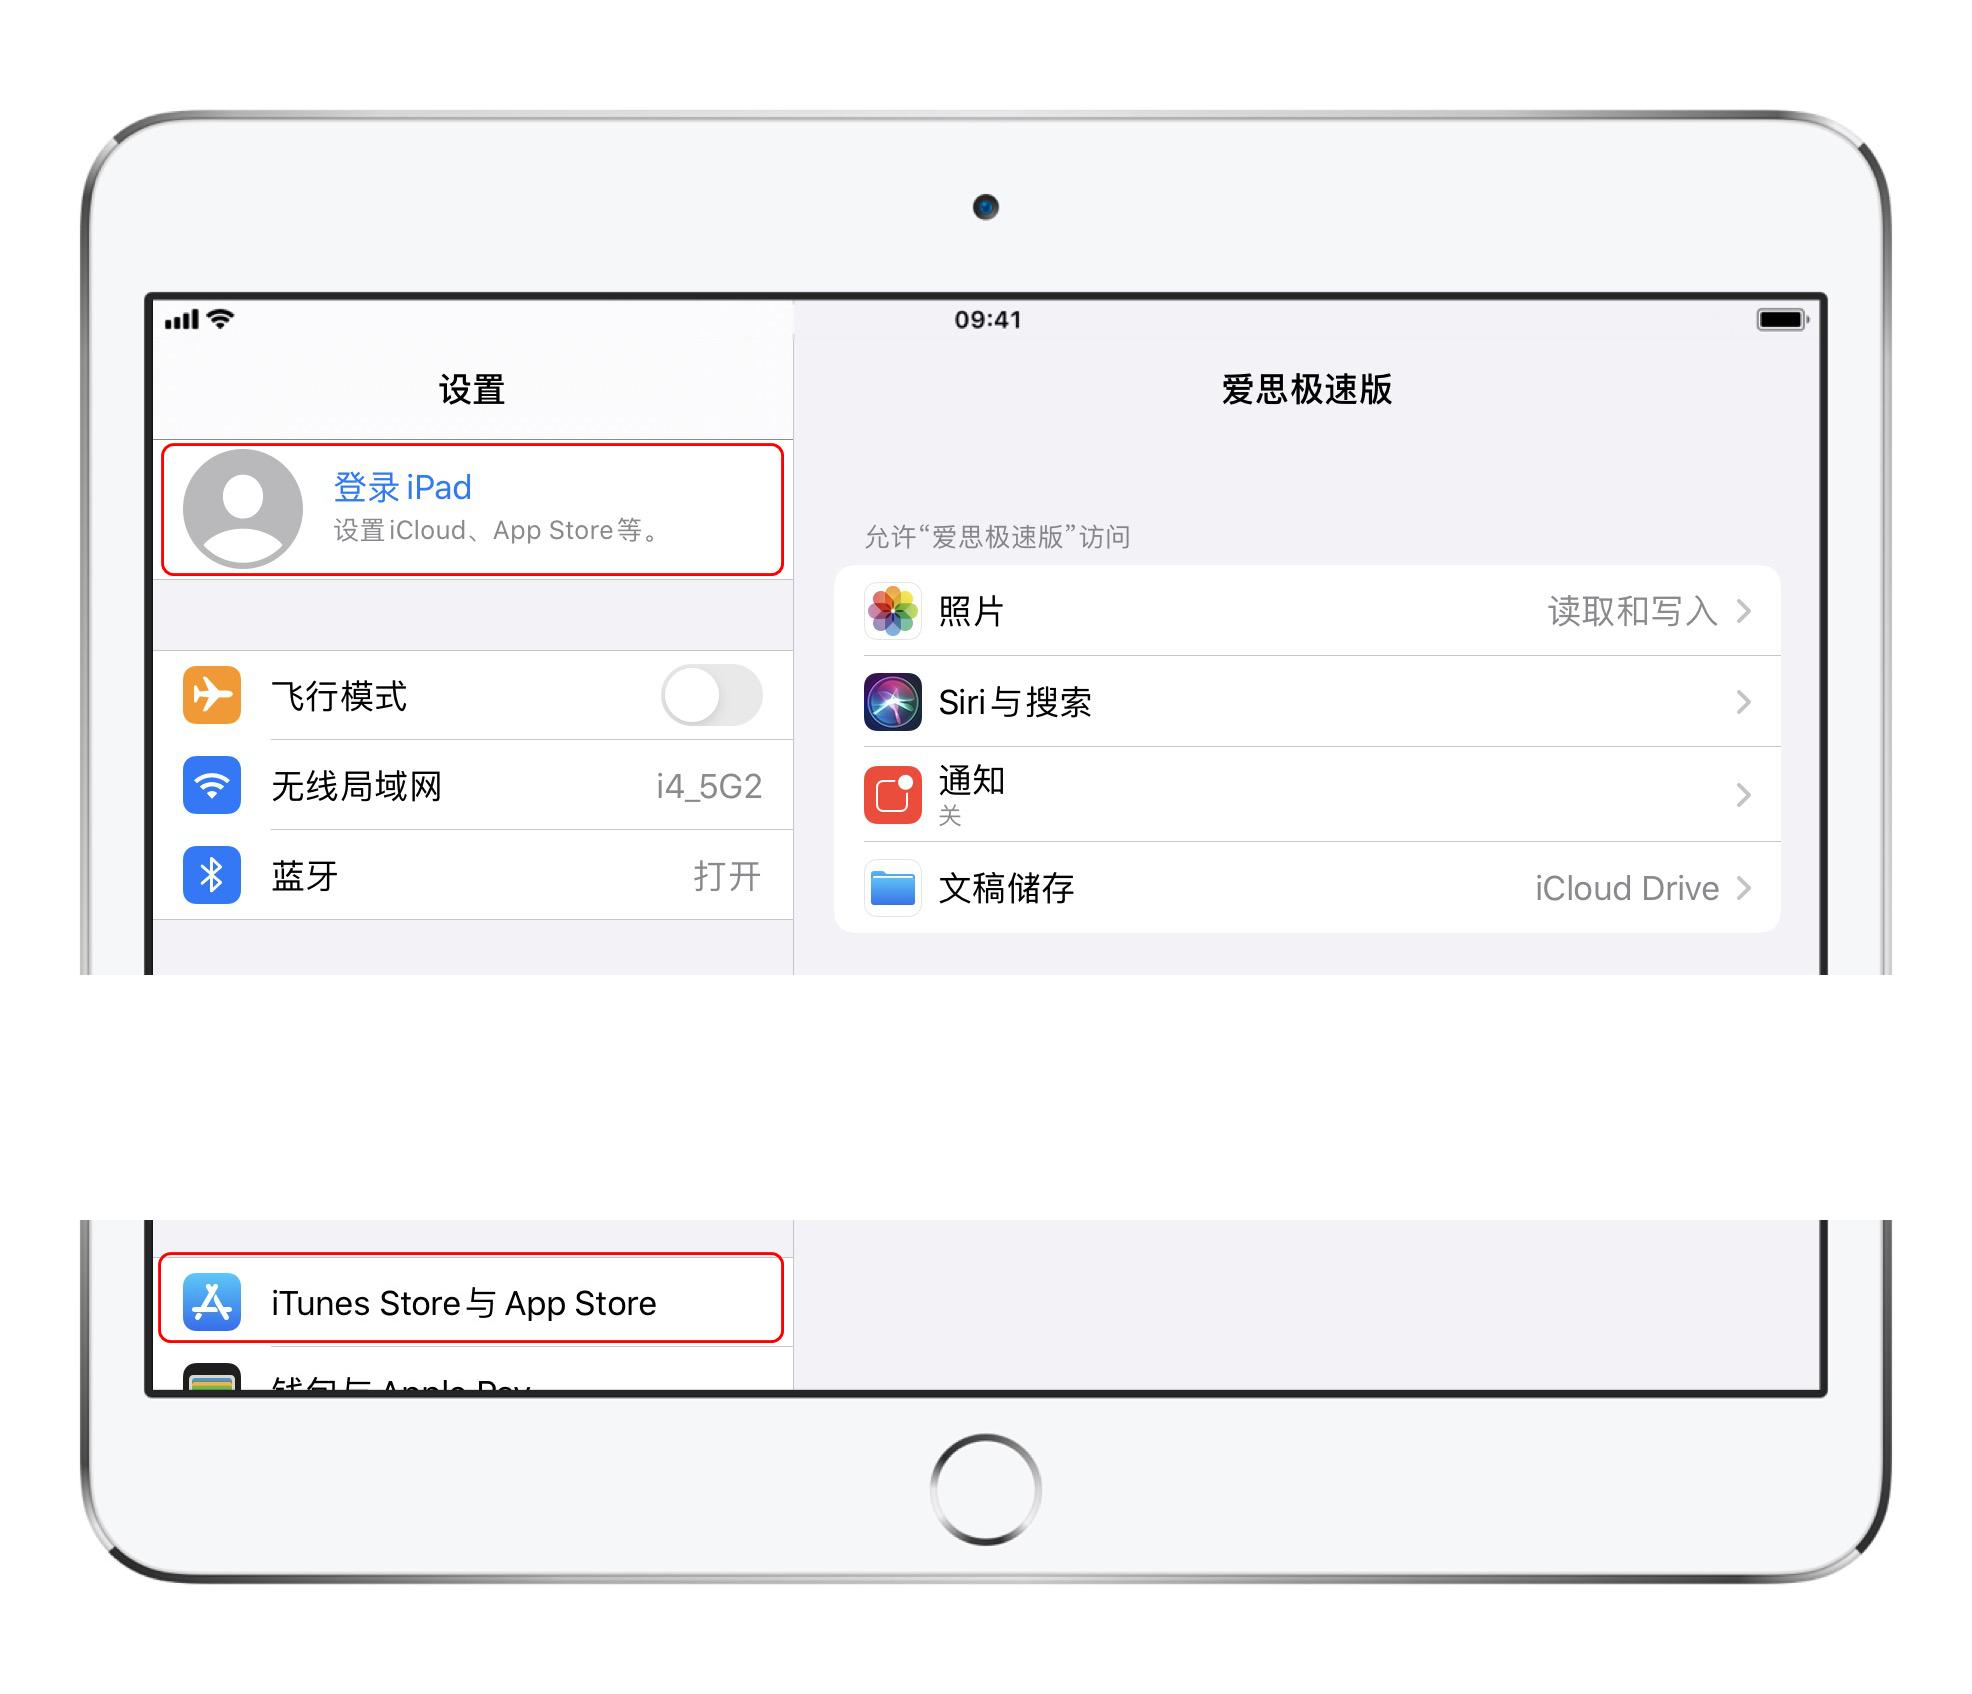 共享 Apple ID 怕泄露个人信息?下载软件别登错地方